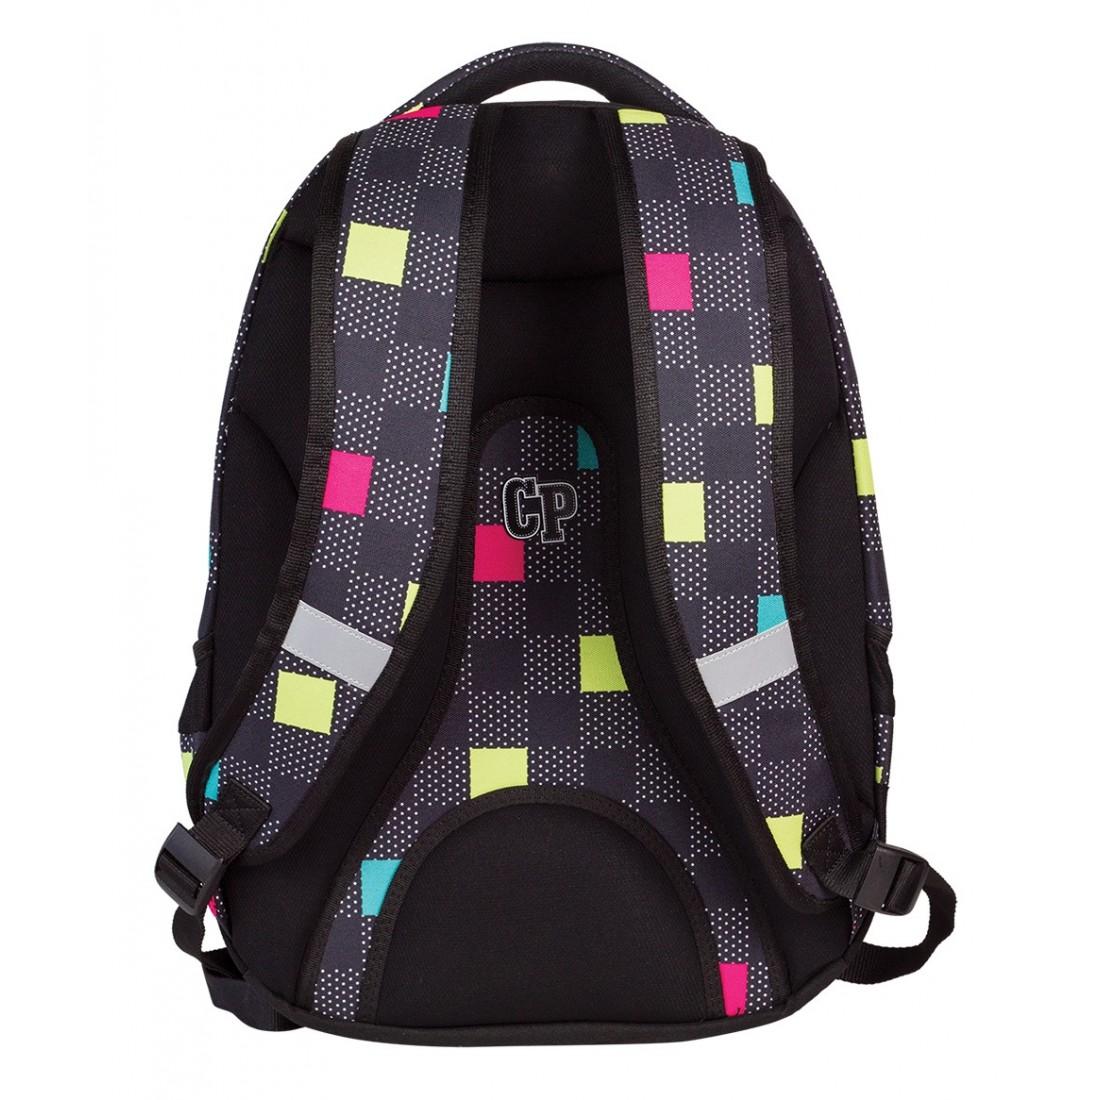 Plecak młodzieżowy CoolPack CP czarny w kwadraciki - 3 przegrody STUDENT COLOUR TILES 470 - plecak-tornister.pl